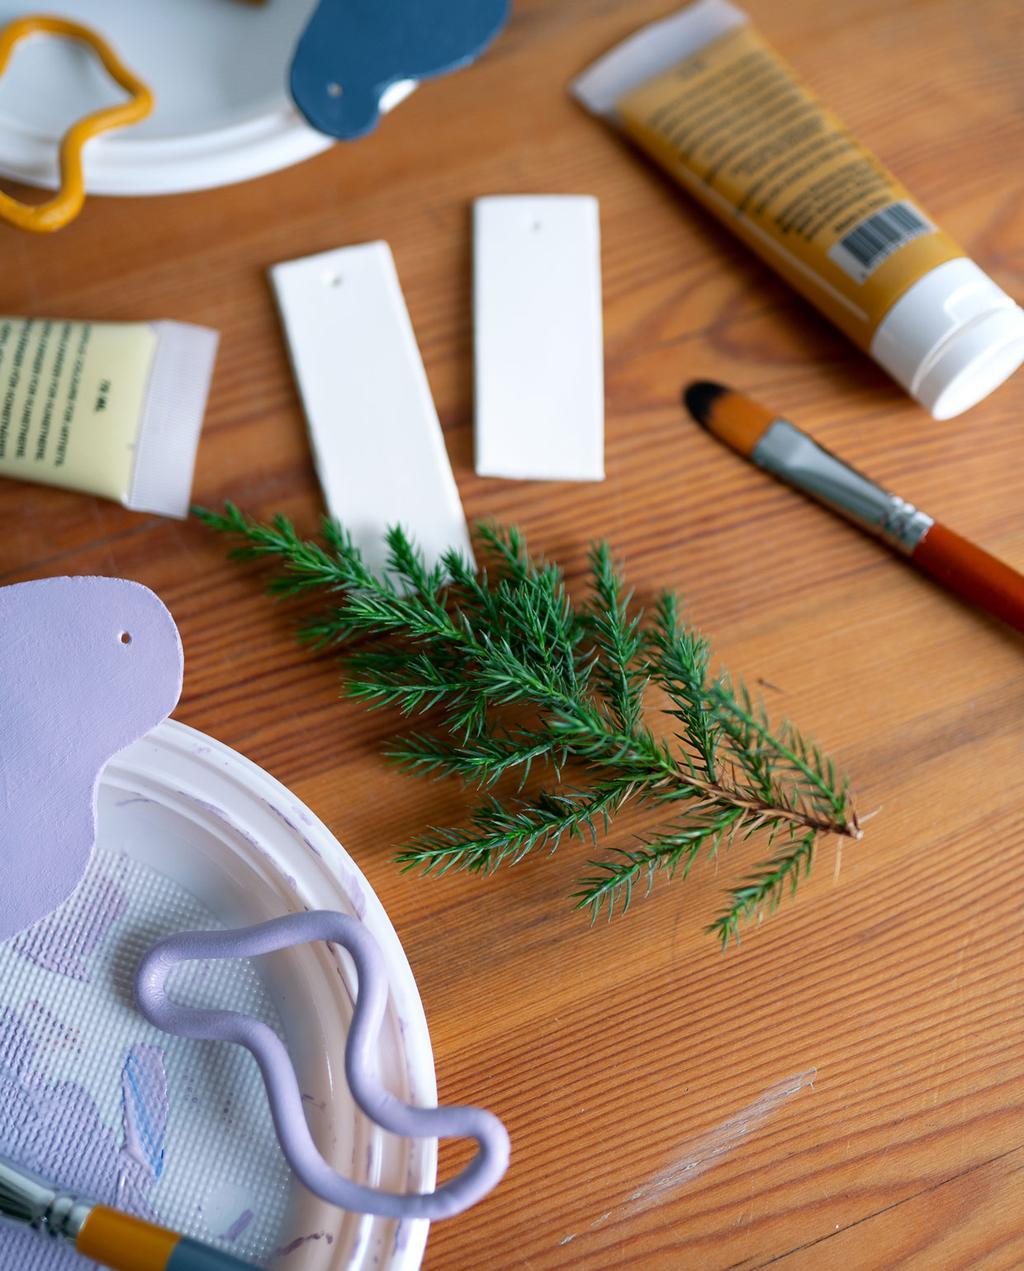 vtwonen | Blog My Attic DIY hanger kerst kleuren verven